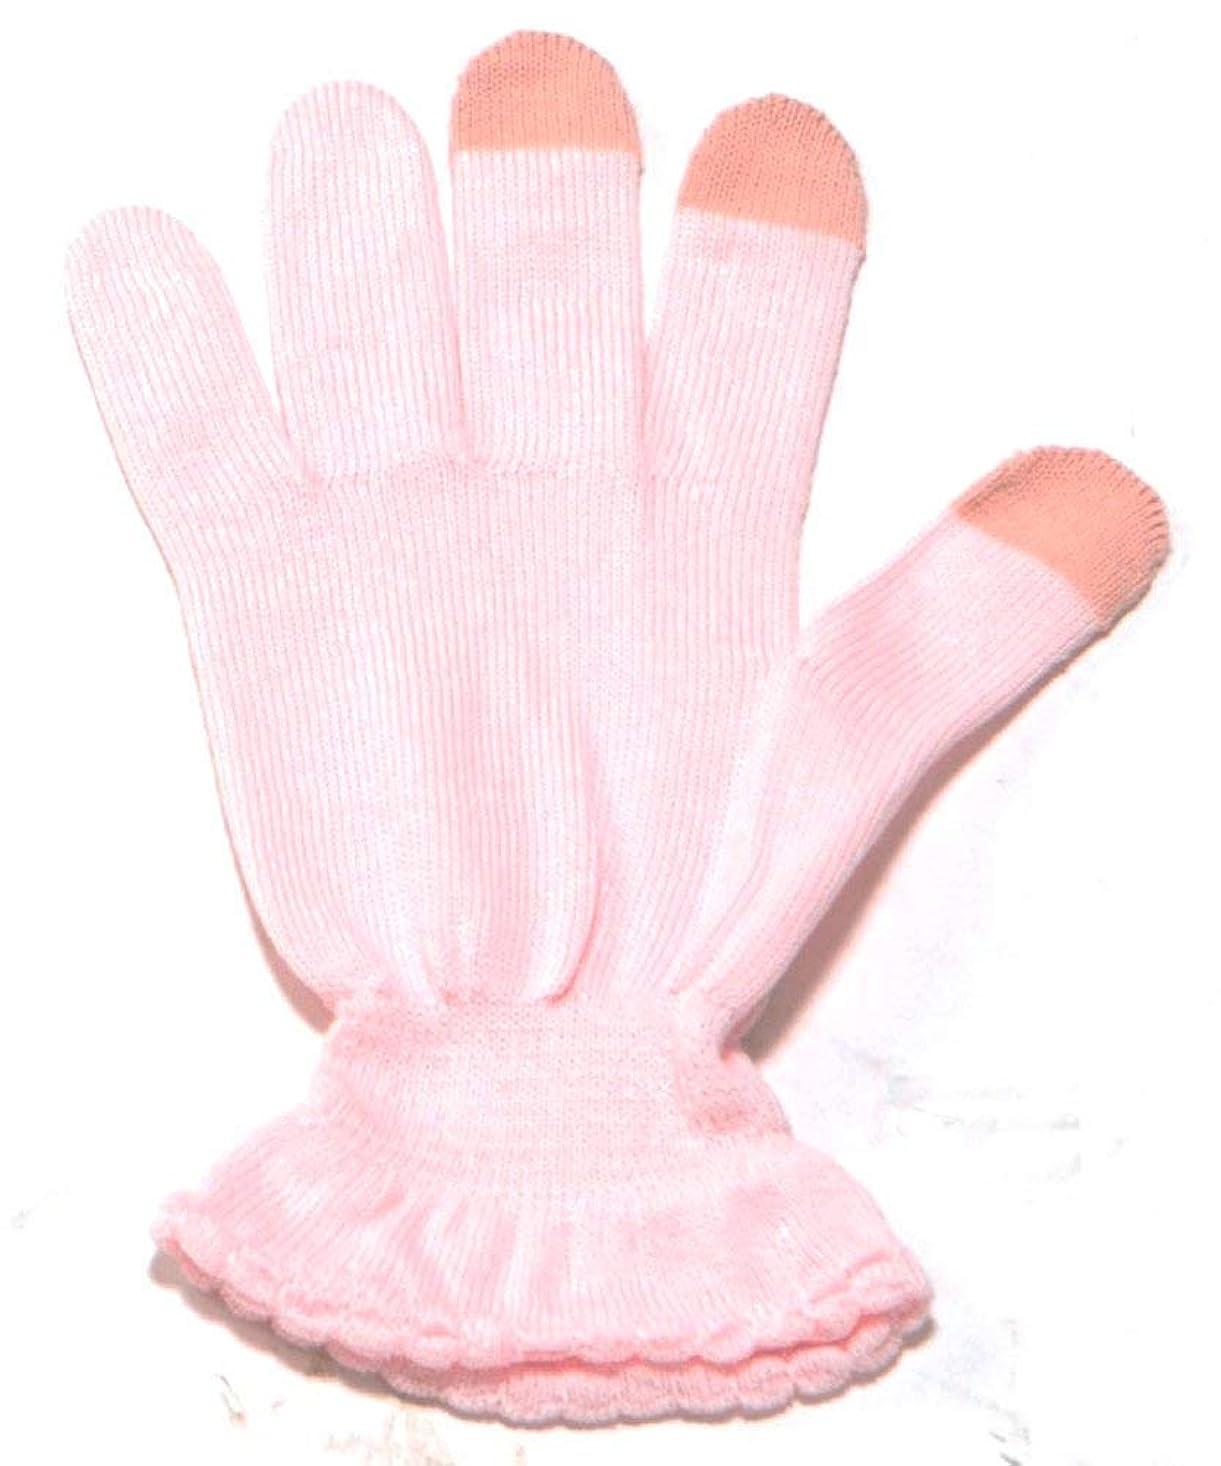 ボウリング散らすさせるイチーナ【ハンドケア手袋タッチあり】スマホ対応 天然保湿効果配合繊維 (ピンク, S~M(17~20㎝))